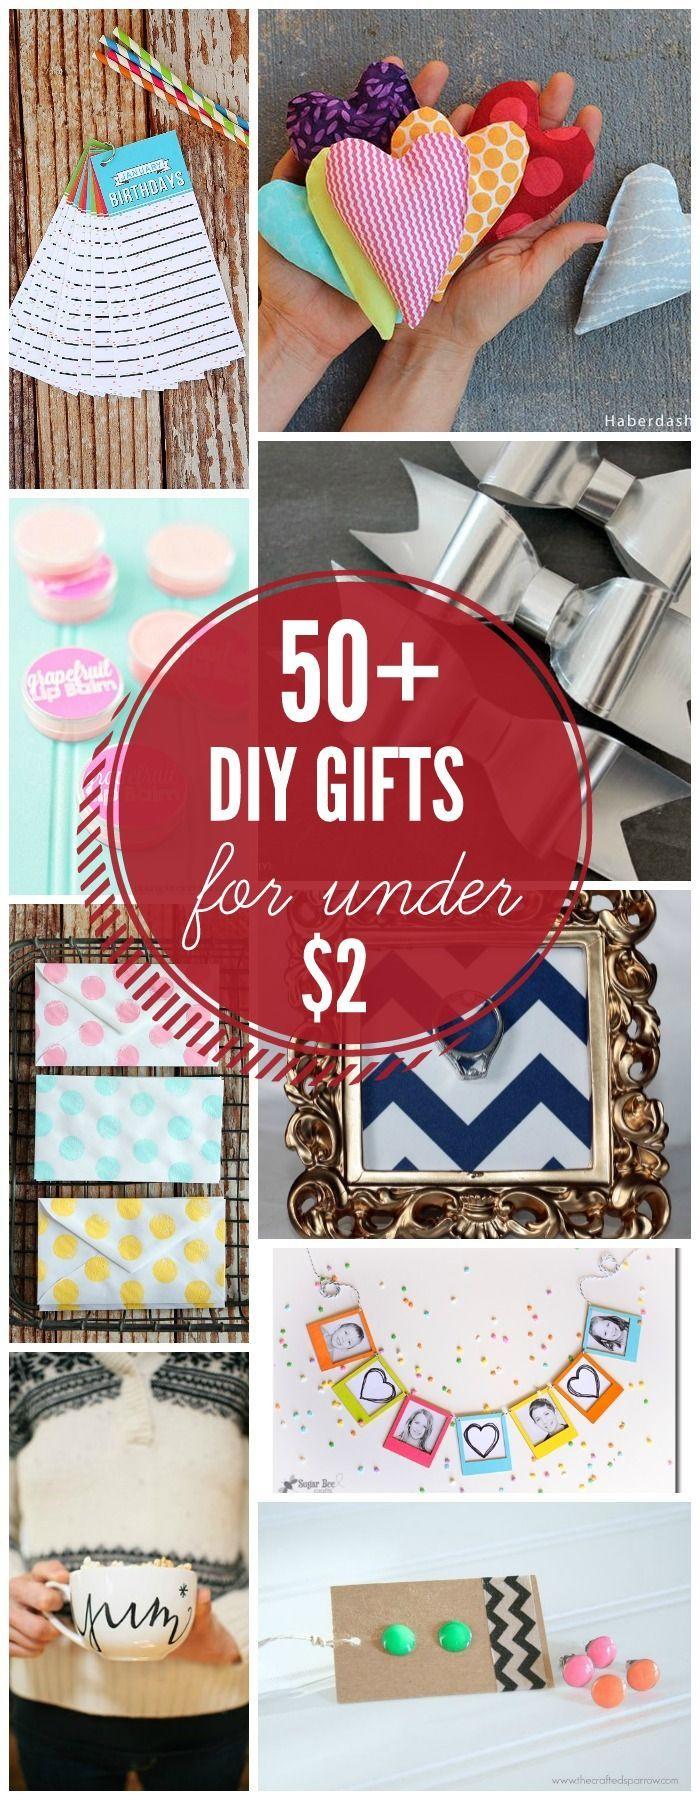 50 Handmade Gift Ideas for under 2